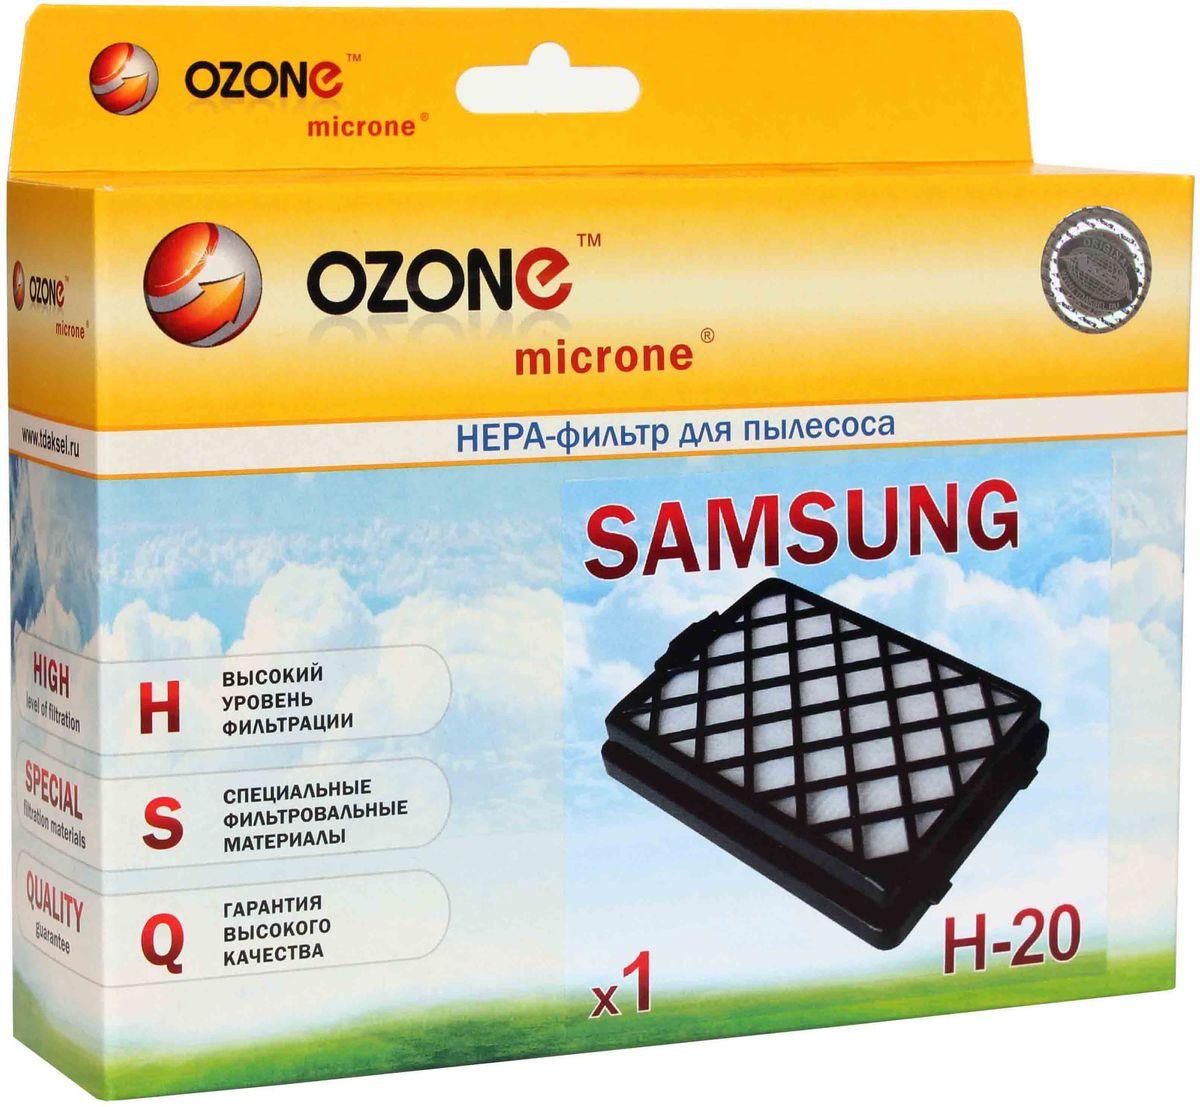 Ozone H-20 НЕРА фильтр для пылесоса SamsungH-20HEPA фильтр Ozone microne H-20 высокоэффективной очистки предназначен для завершающей очистки воздуха в помещении, которое требует высокое качество воздуха, например, медицинских помещений. Фильтр состоит из мелкопористых материалов, что служит эффективному задерживанию частиц размером до 0,3 мкм. Фильтры HEPA последнего поколения имеют степень очистки воздуха около 95-97%. Фильтры не подлежат к промывке, а значит, они являются одноразовыми.